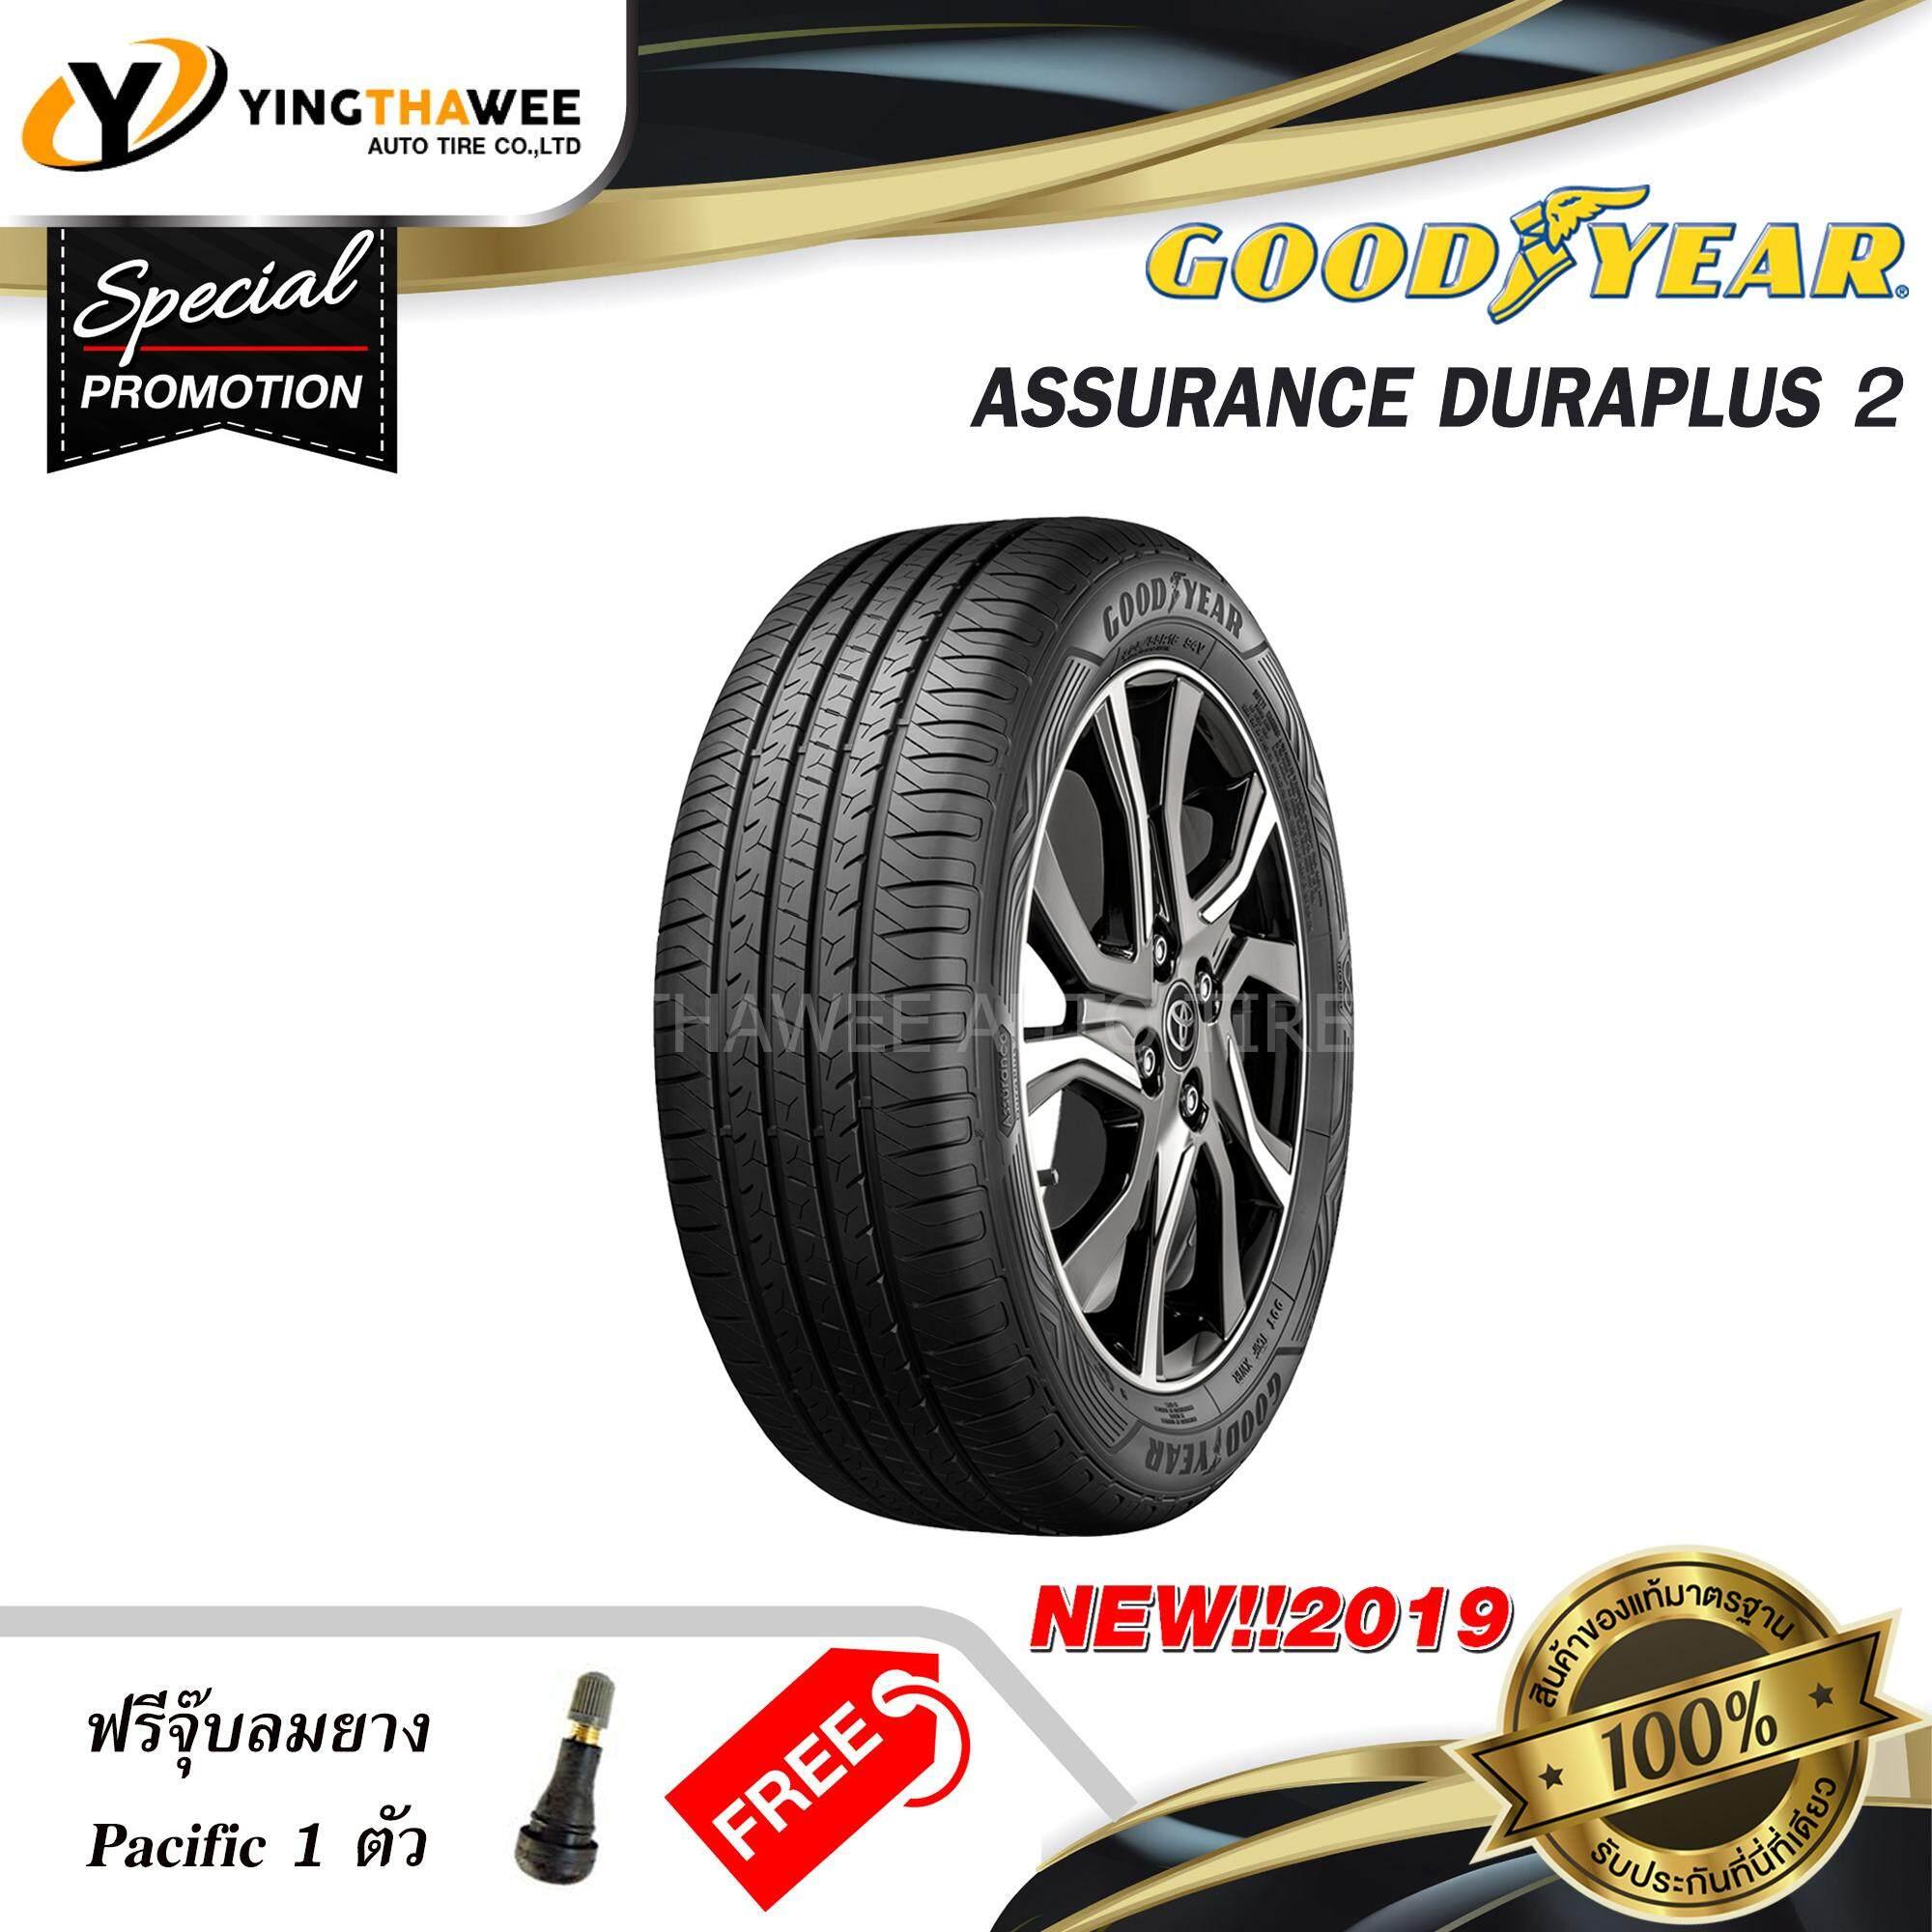 กำแพงเพชร GOODYEAR ยางรถยนต์ 195/65R15 รุ่น Assurance Duraplus2  1 เส้น (ปี 2019) แถมจุ๊บลมยางแกนทองเหลือง 1 ตัว